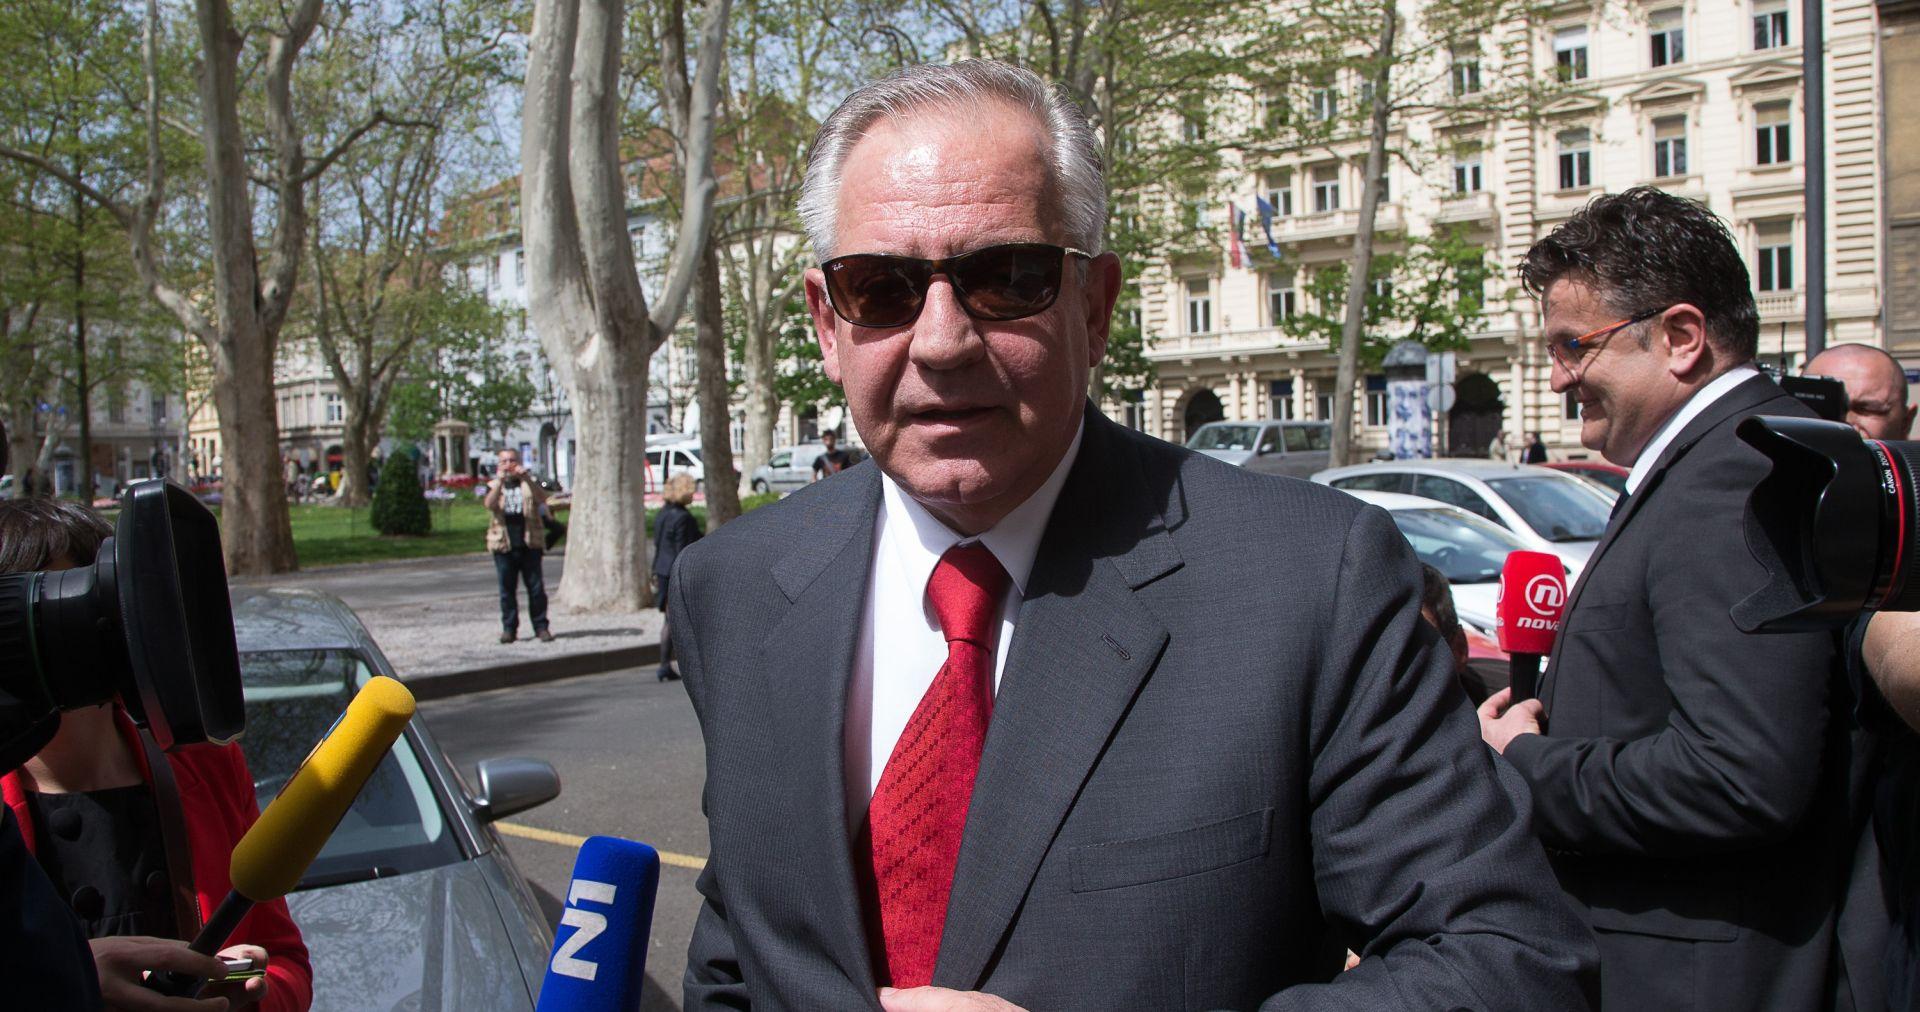 SLUČAJ FIMI MEDIA Danas nastavak suđenja Ivi Sanaderu